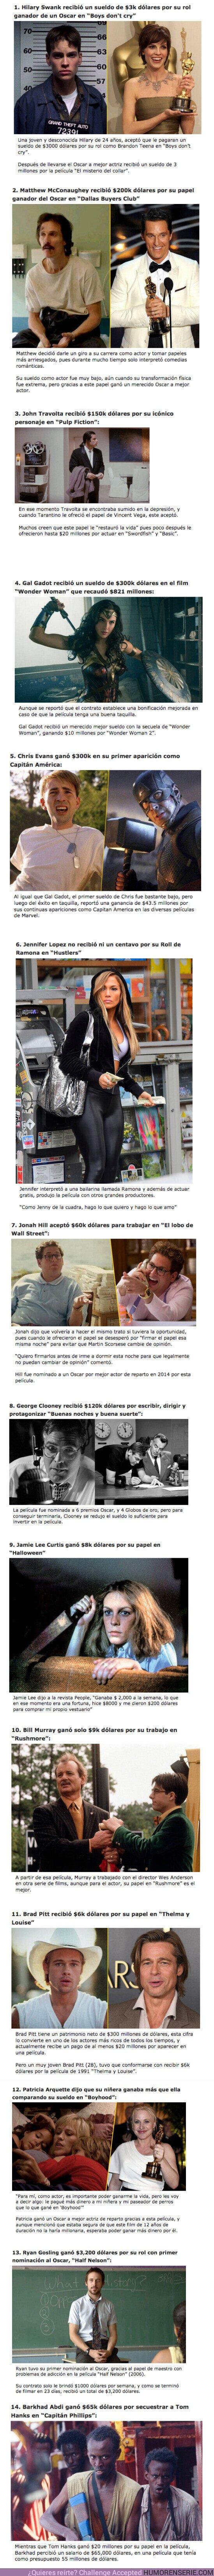 57199 - GALERÍA: 14 Actores que ganaron muy poco dinero en películas muy importantes